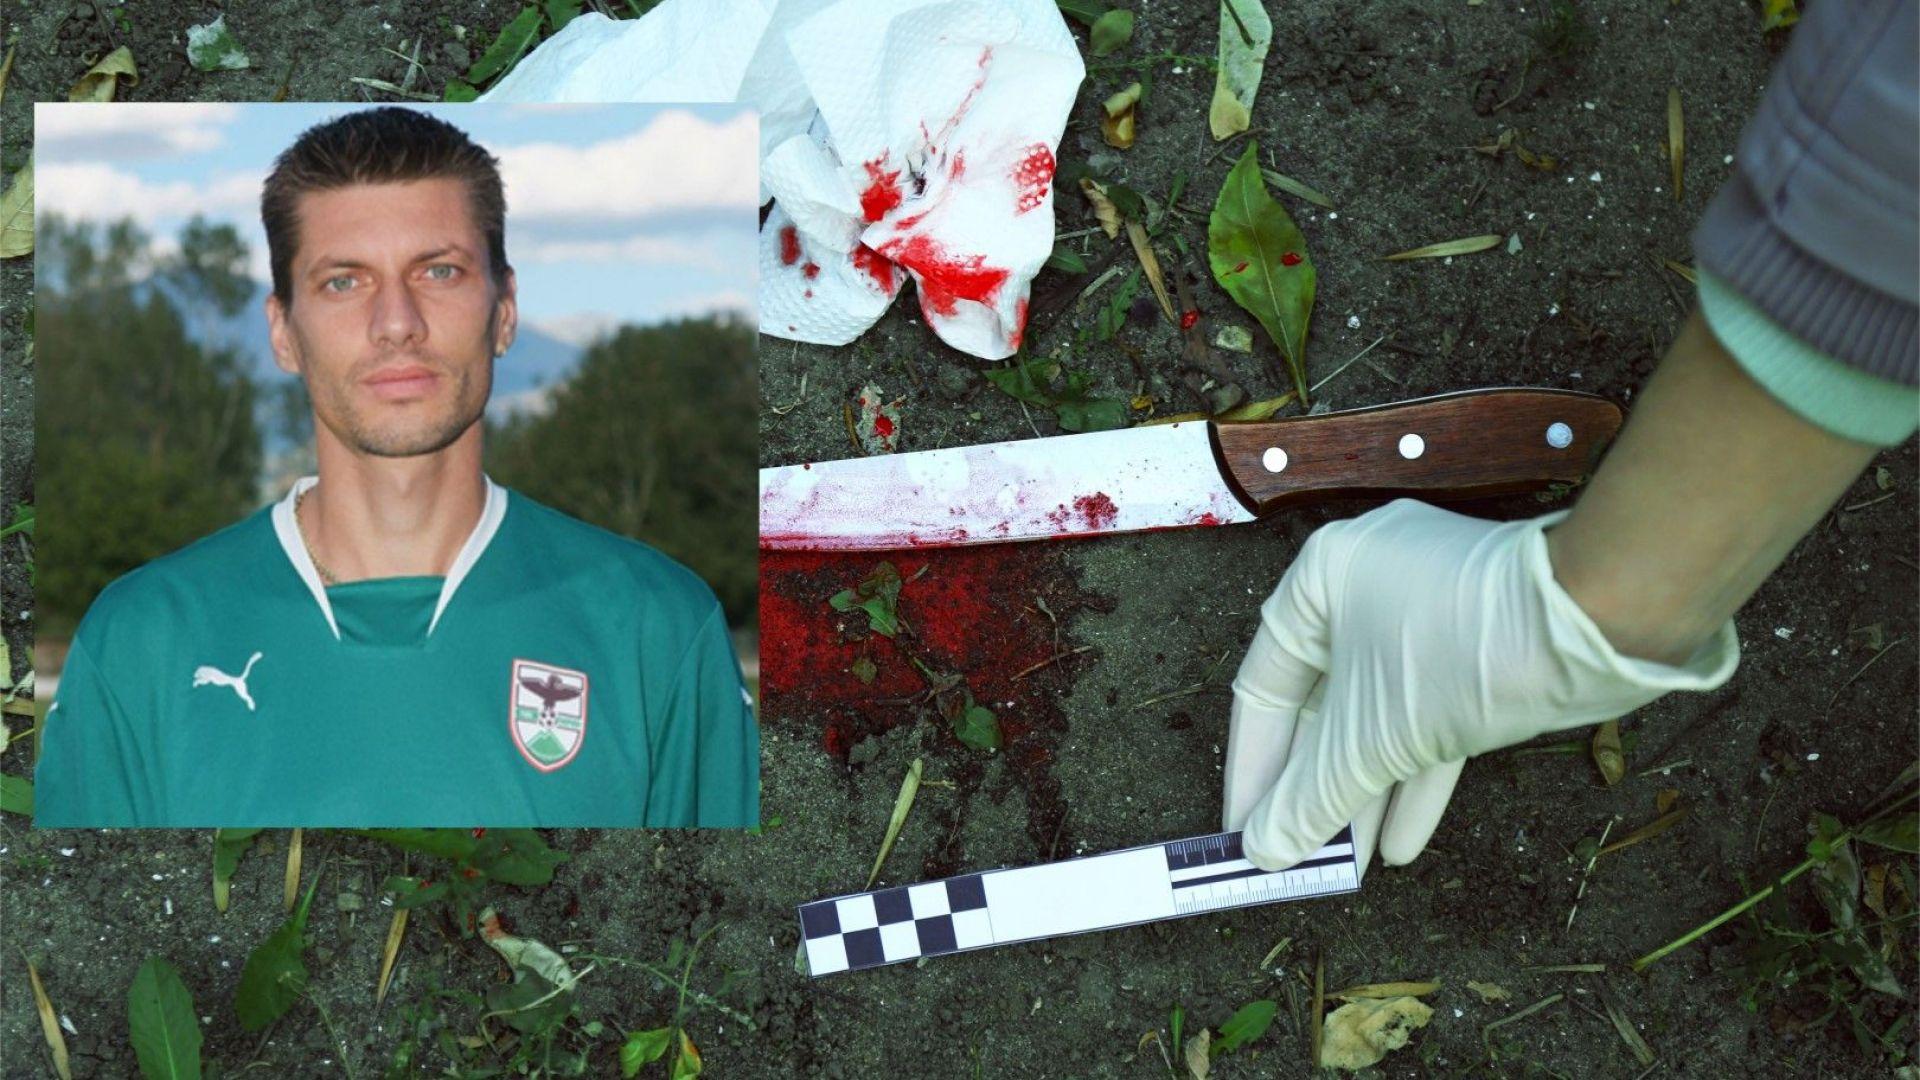 Метушев, убил приятеля си, се подобрява